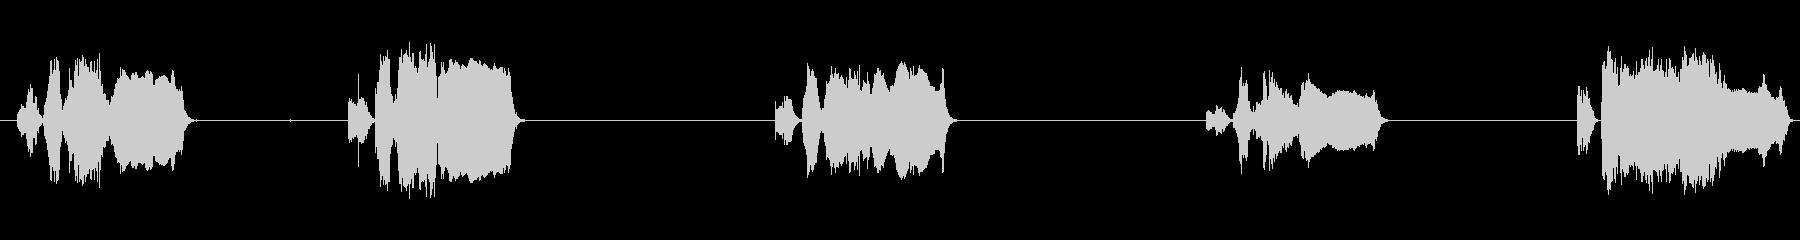 ルースタークロウズ5回、屋内、鳥;...の未再生の波形